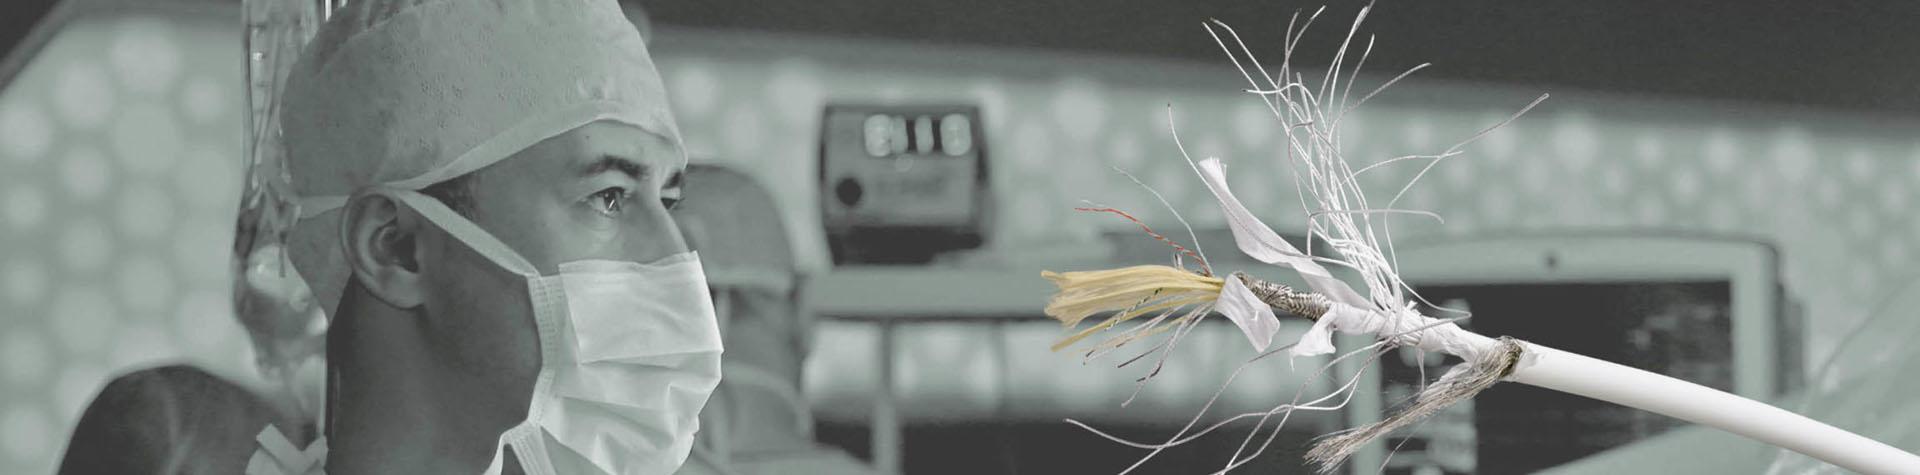 Abisoliertes Kabel weiß Medizin